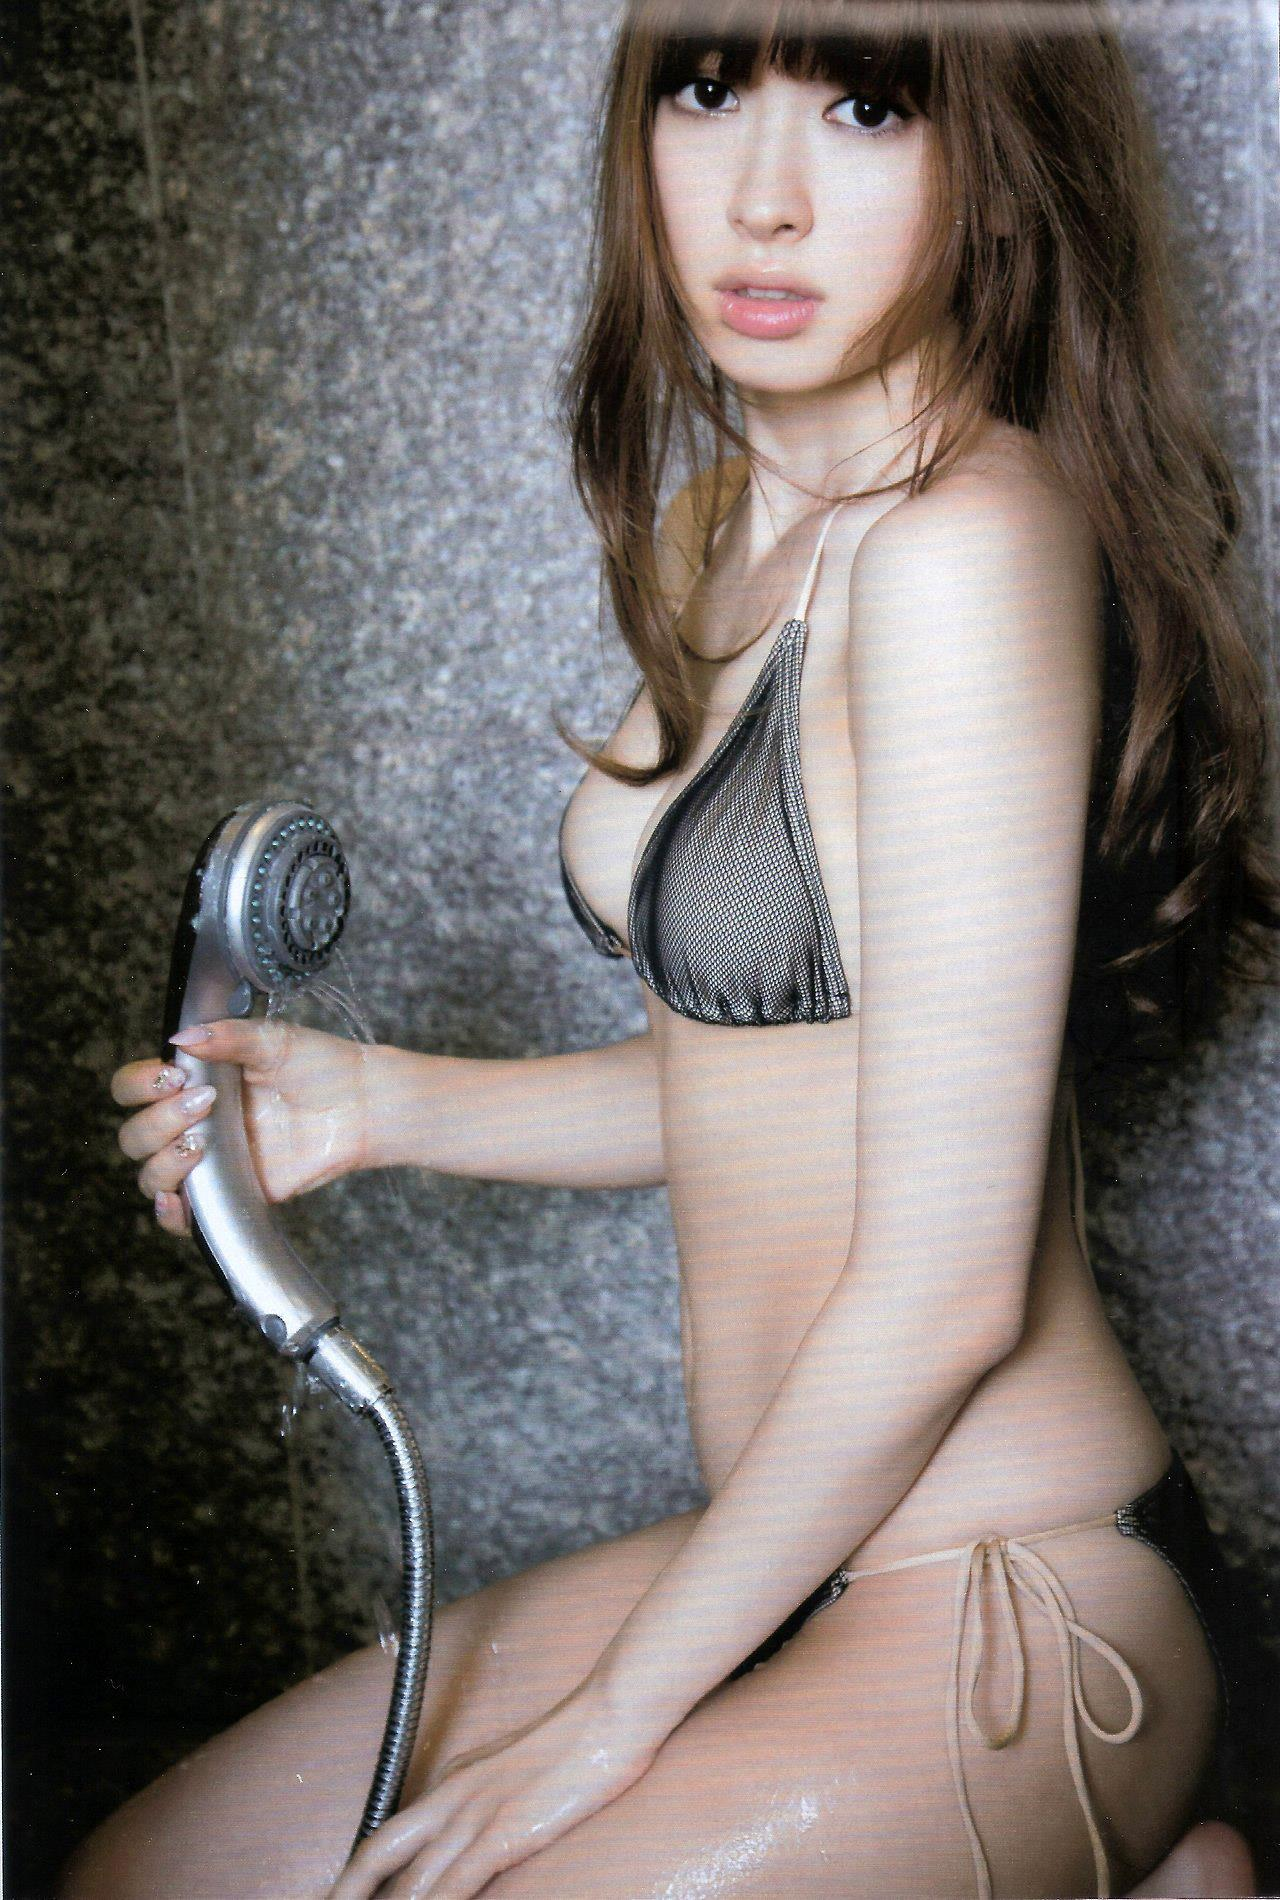 小嶋陽菜 水着画像 22